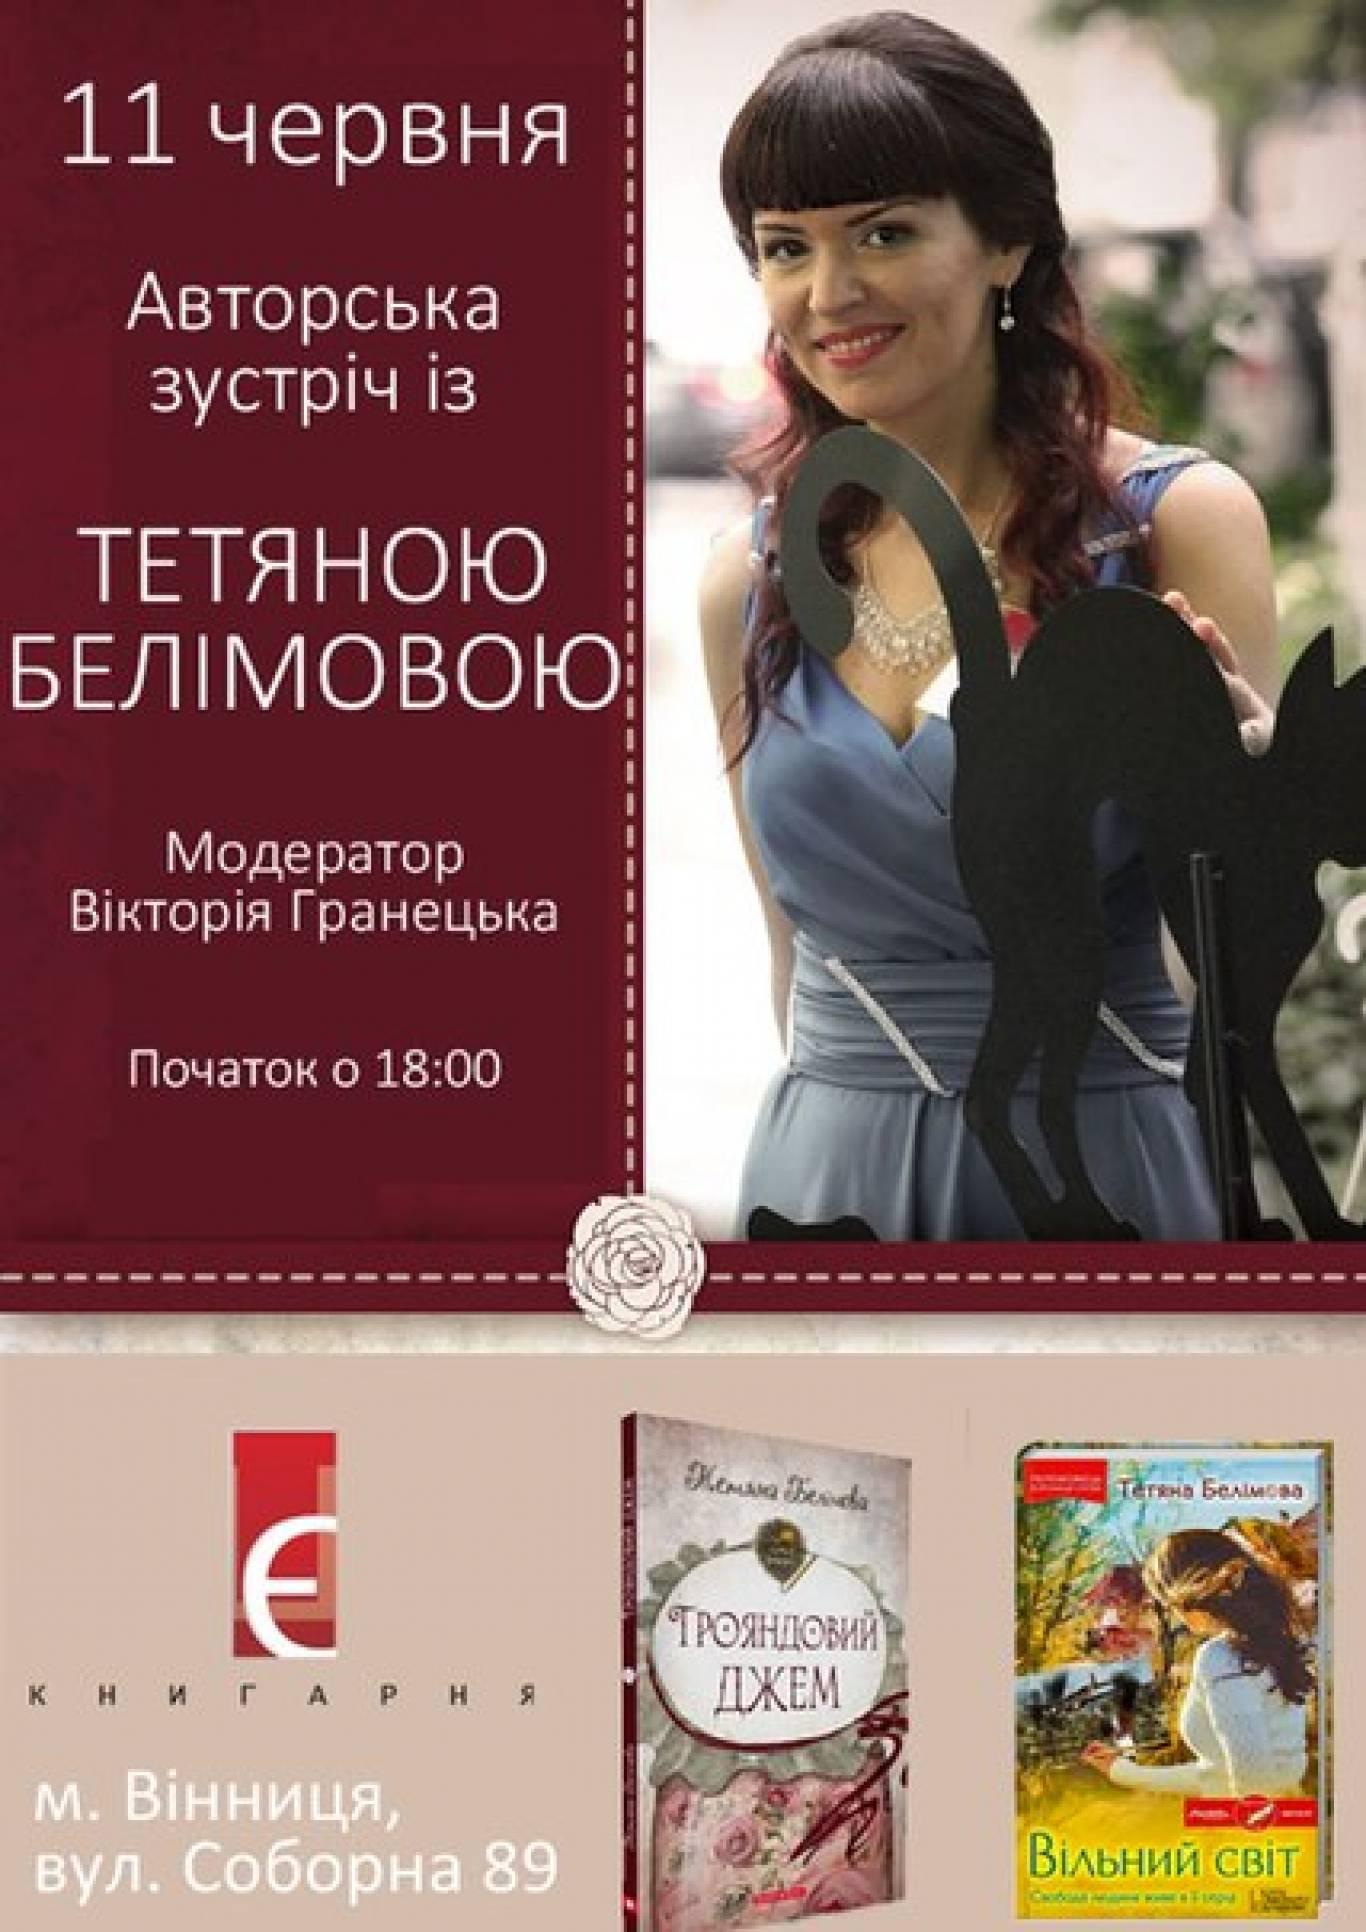 Переможниця конкурсу «Коронація слова» презентує у Вінниці дві найновіші свої книги